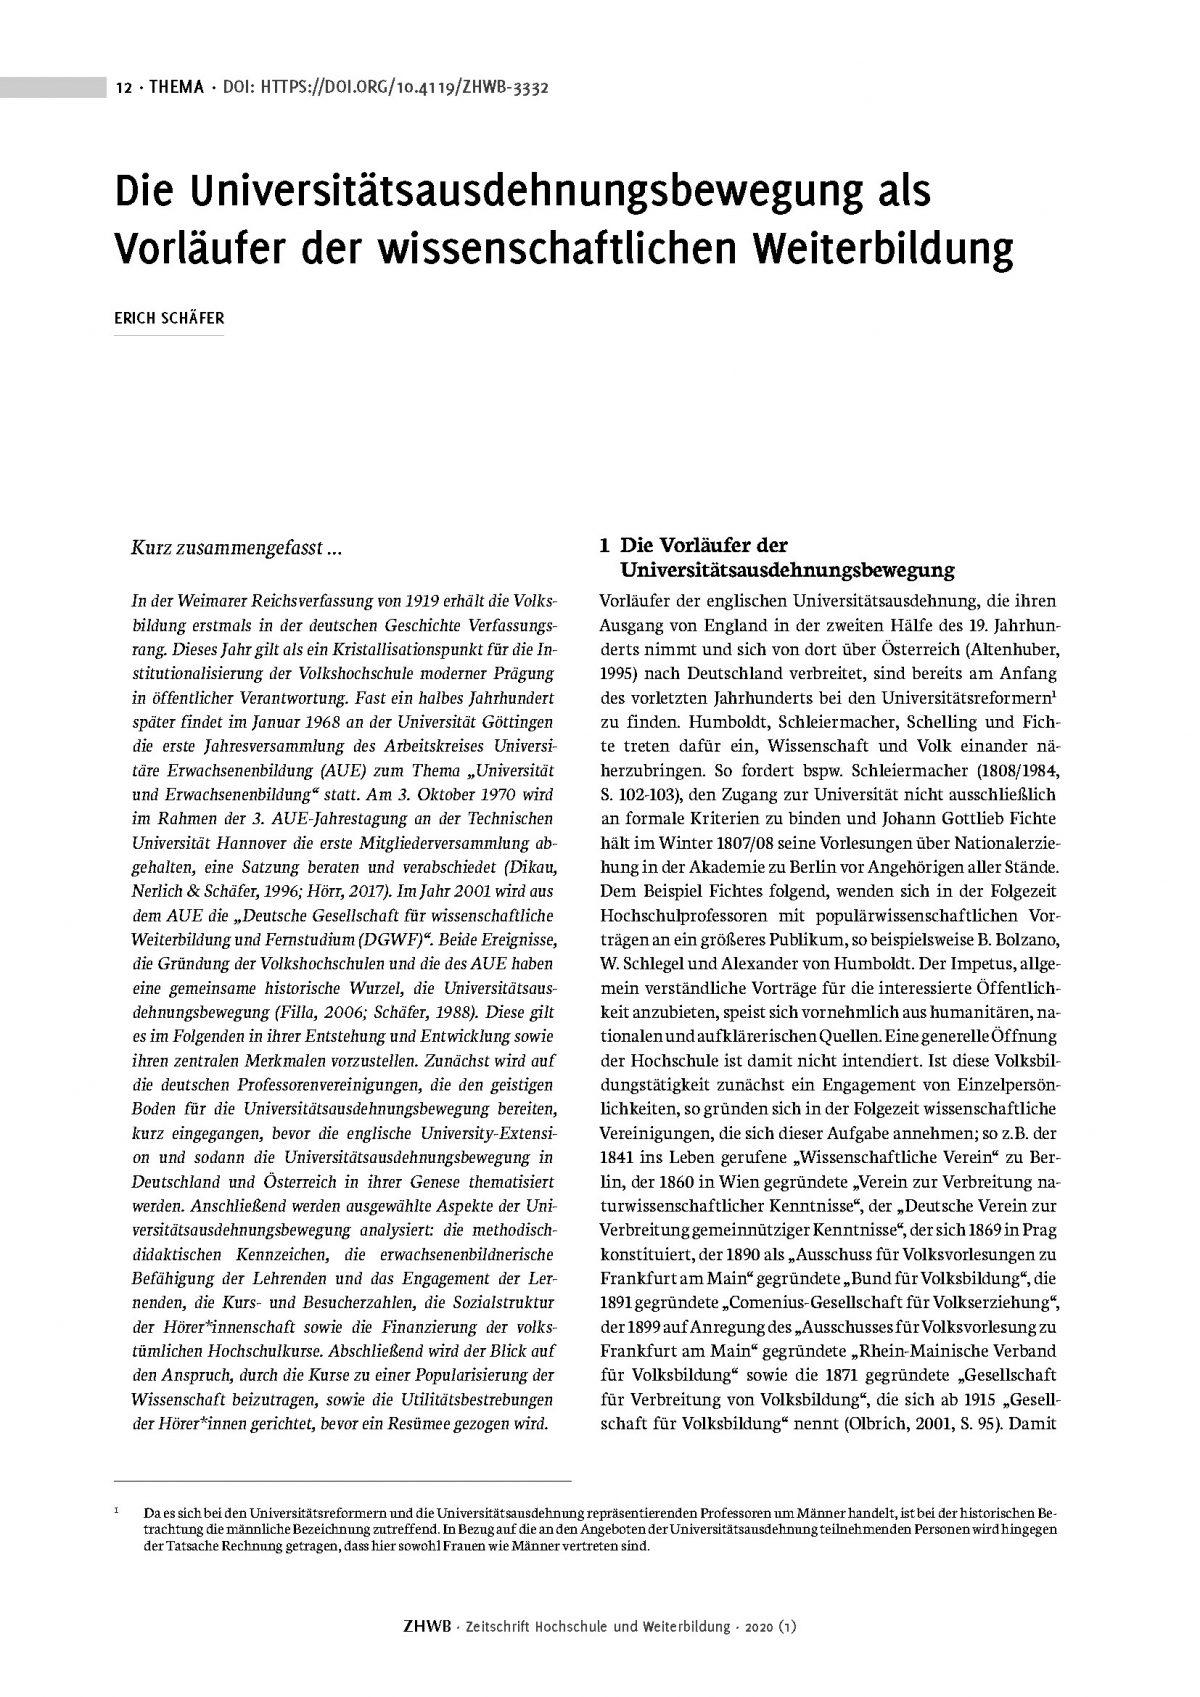 Erich Schäfer, Die Universitätsausdehnungsbewegung als Vorläufer der wissenschaftlichen Weiterbildung (2020)